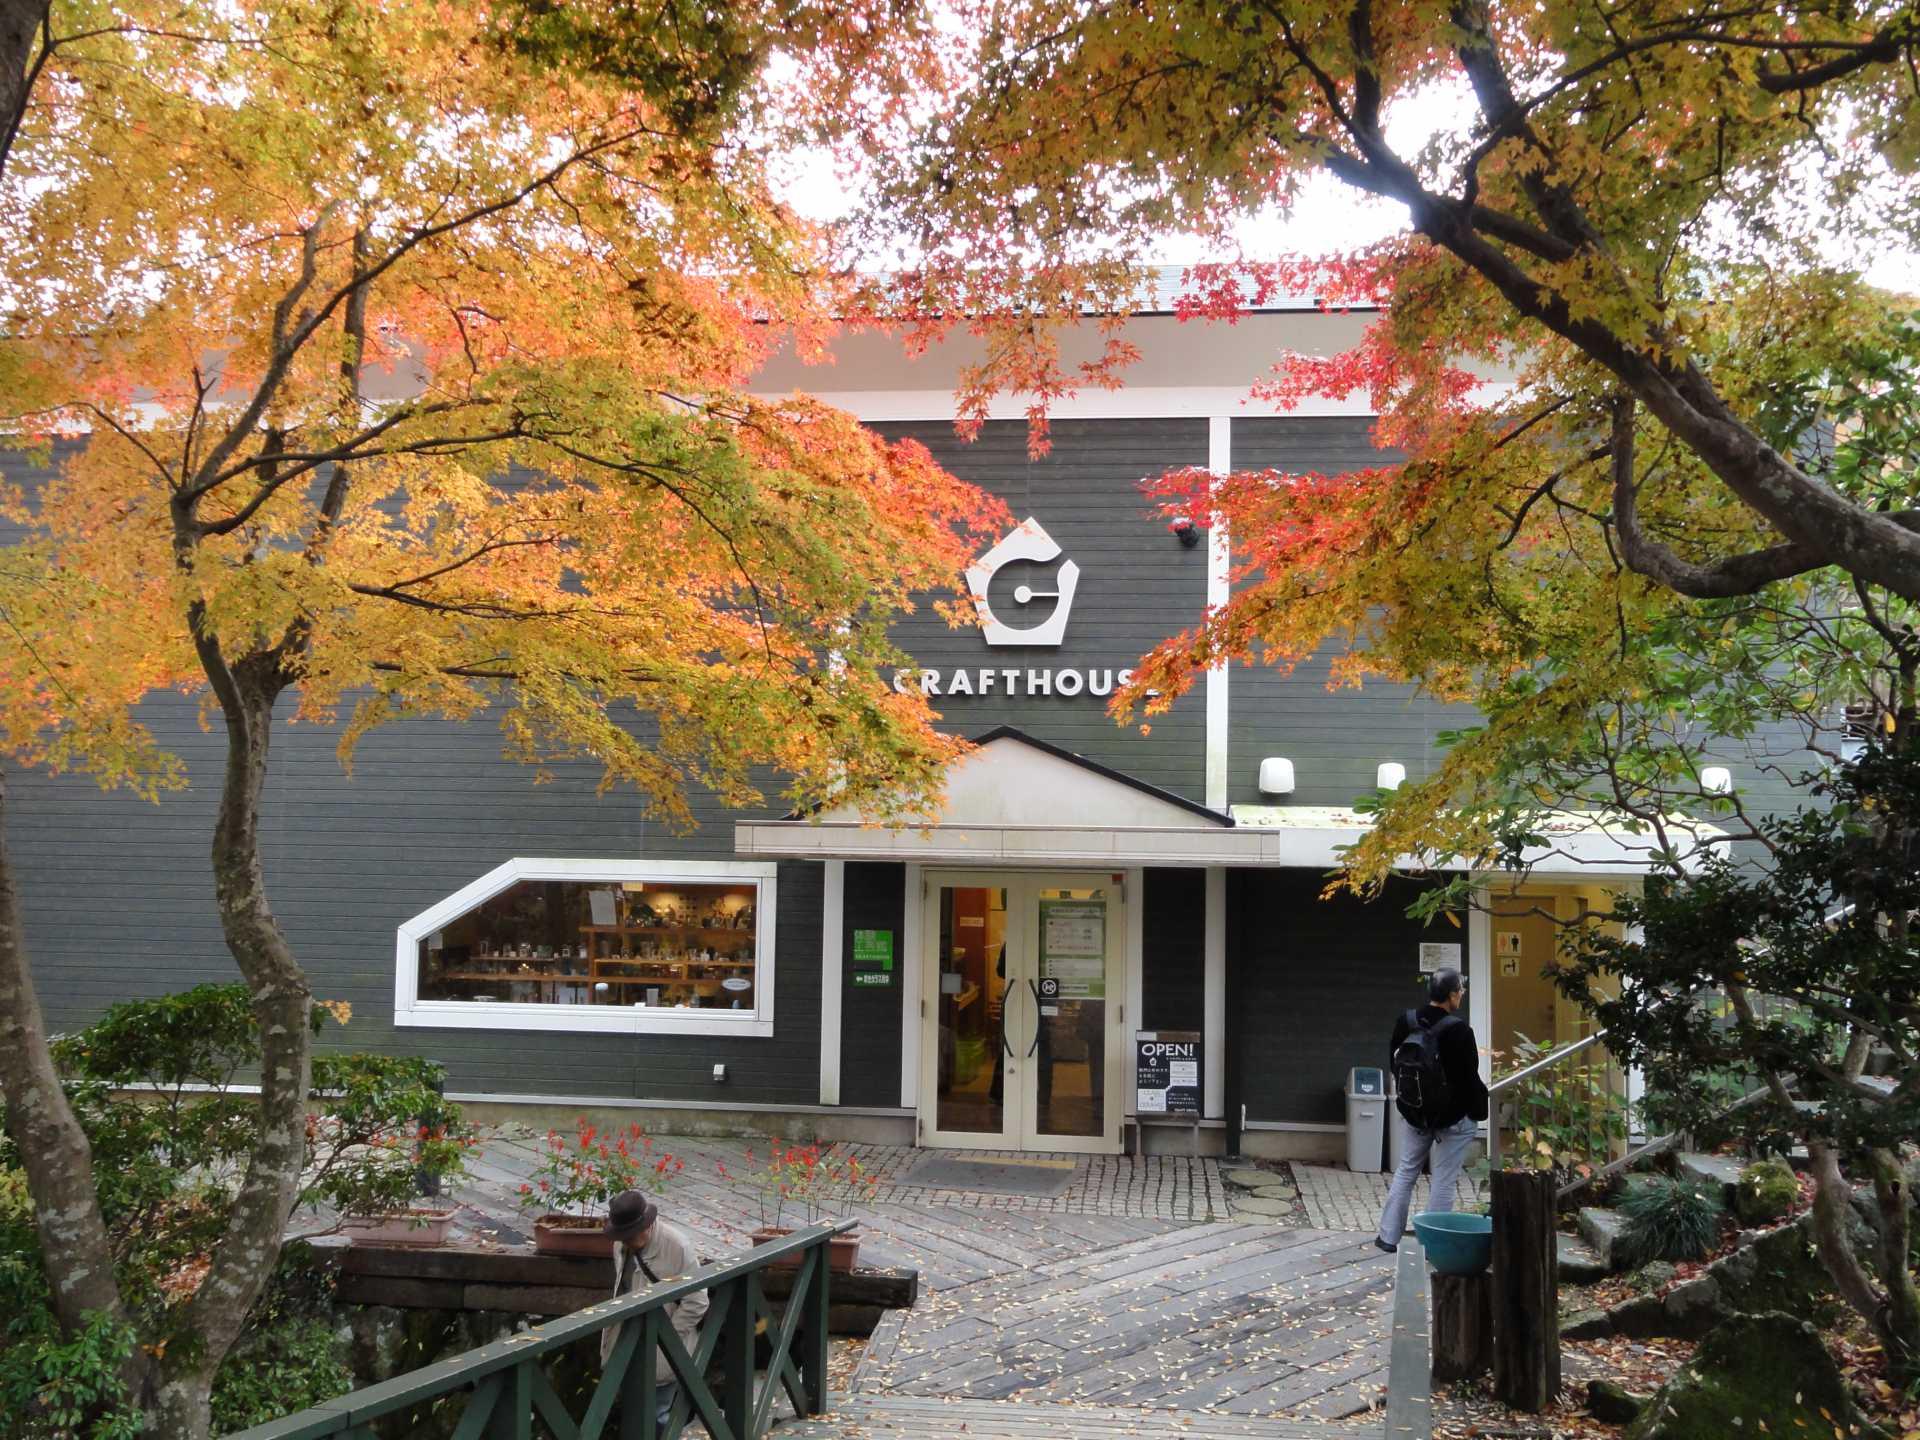 「箱根体验工艺房」